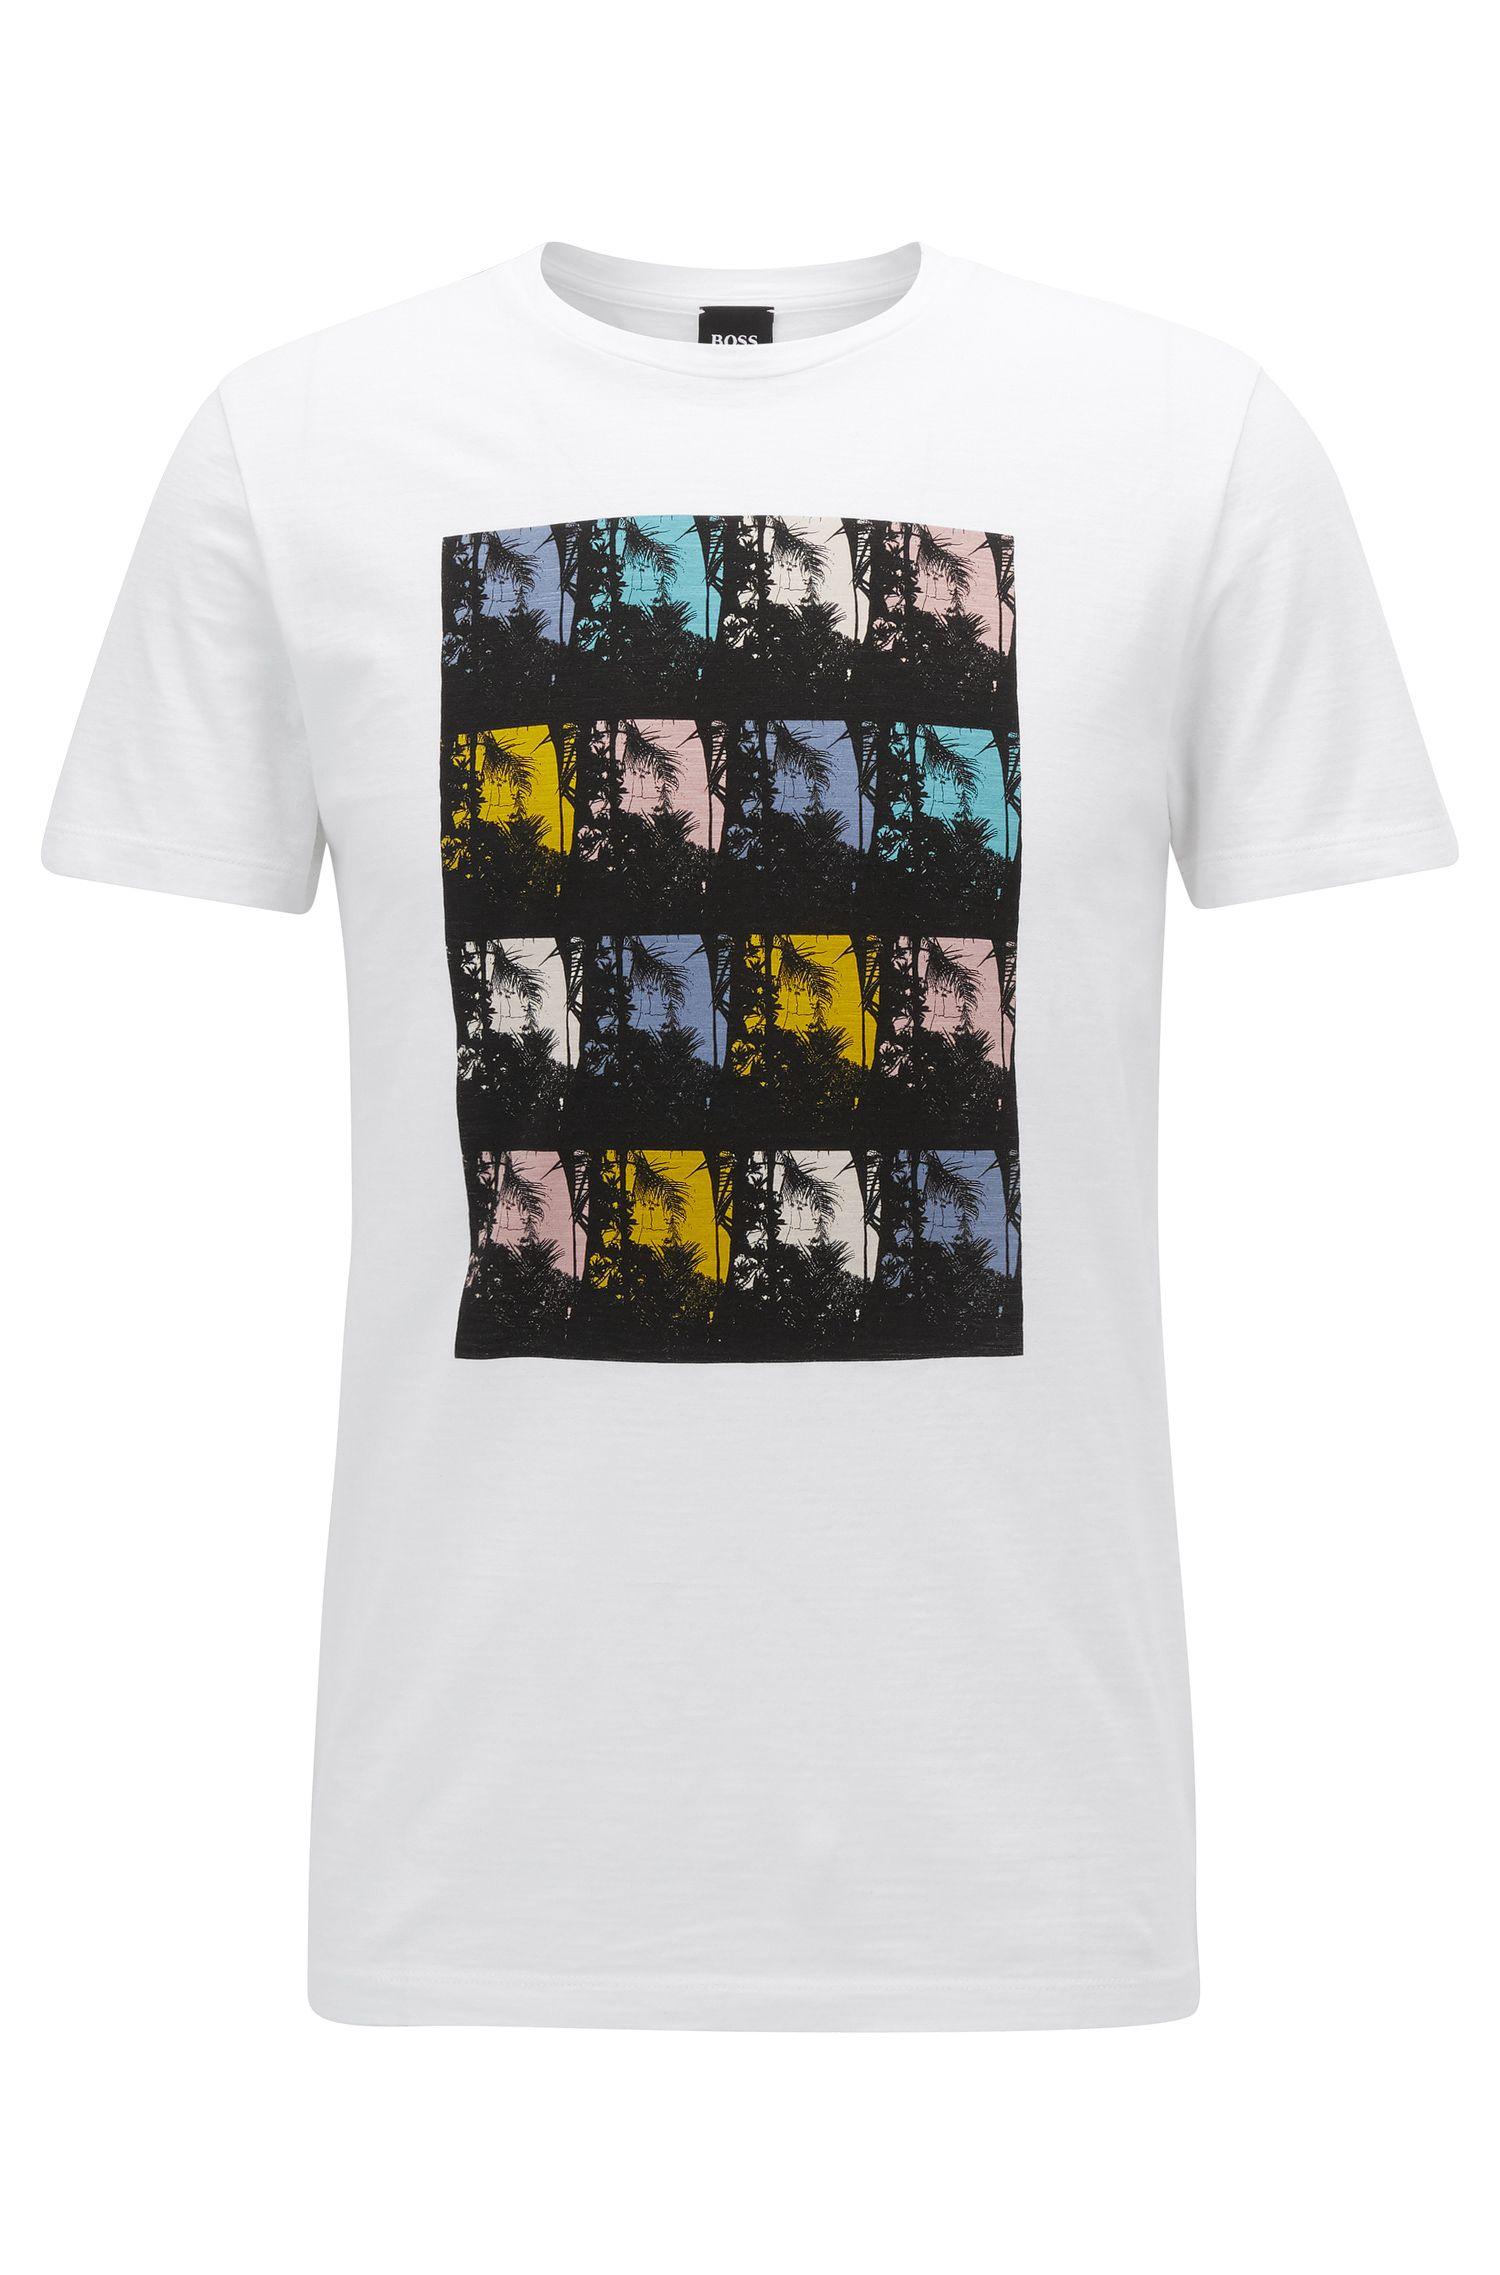 Tropical Cotton Graphic T-Shirt   Tarjo